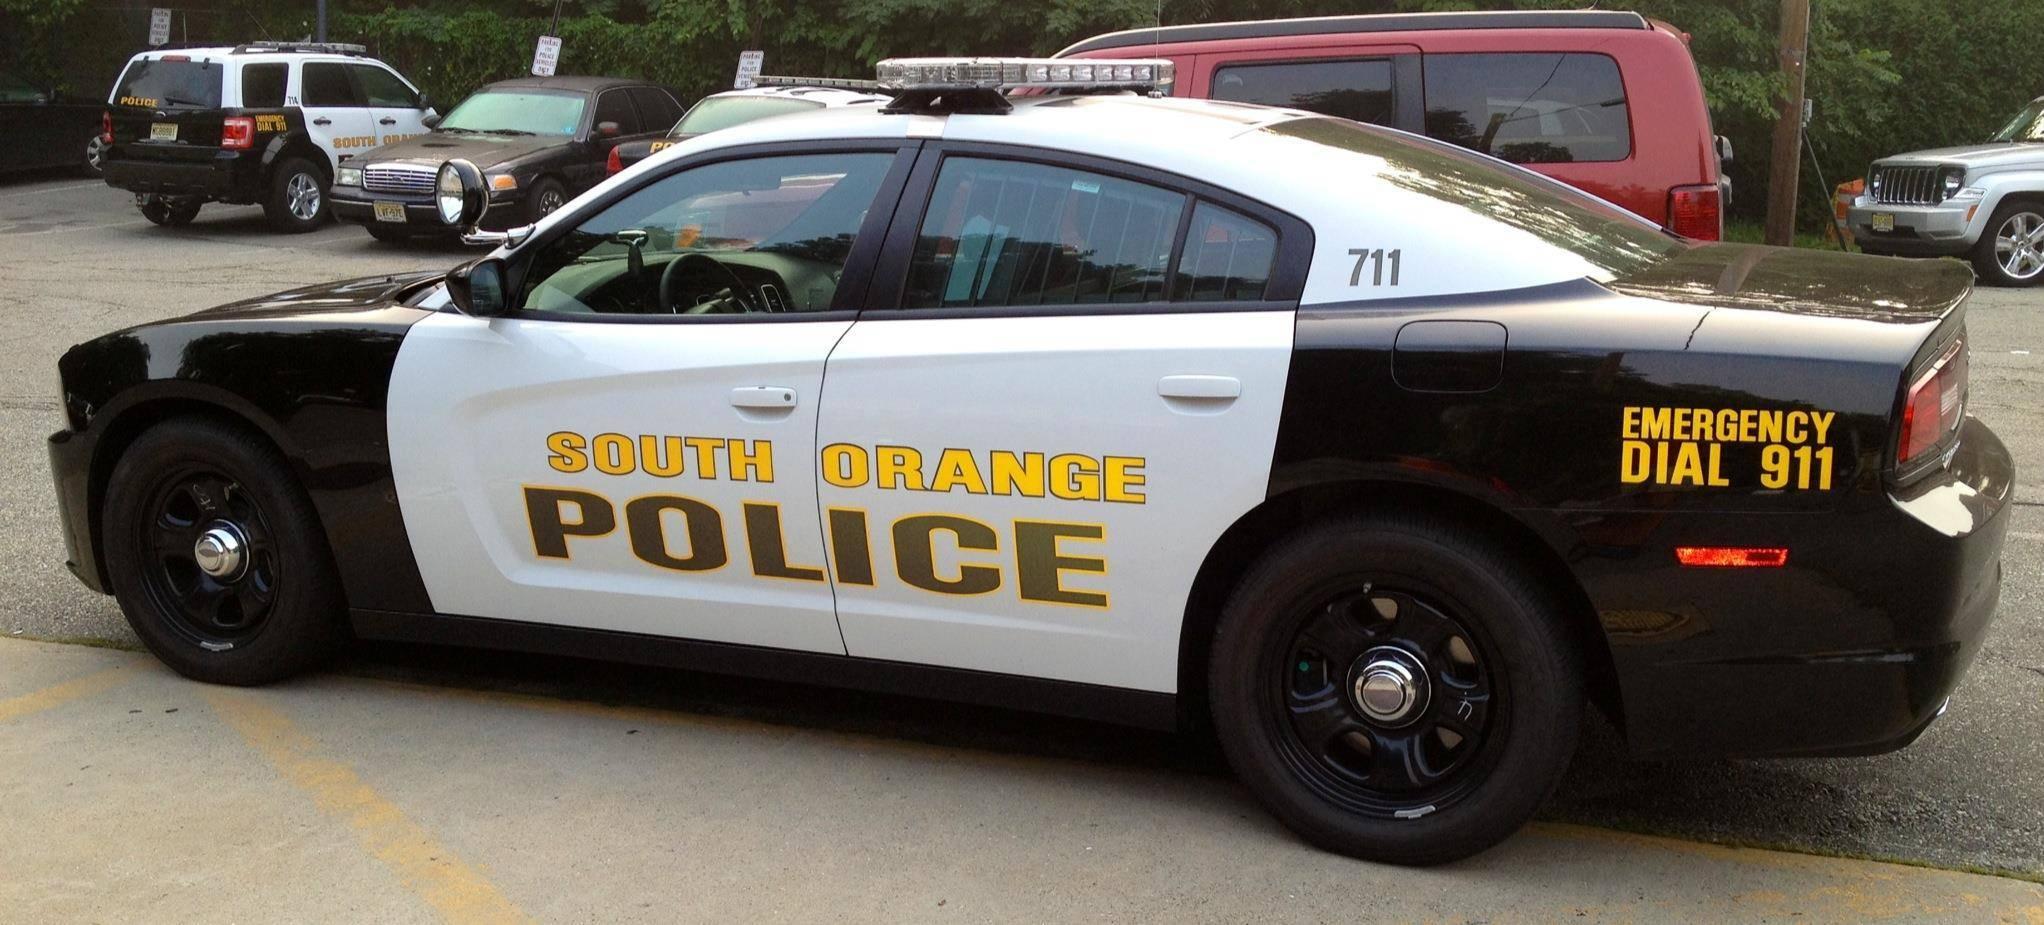 dec5261ff308334c739e_south_orange_police.jpg